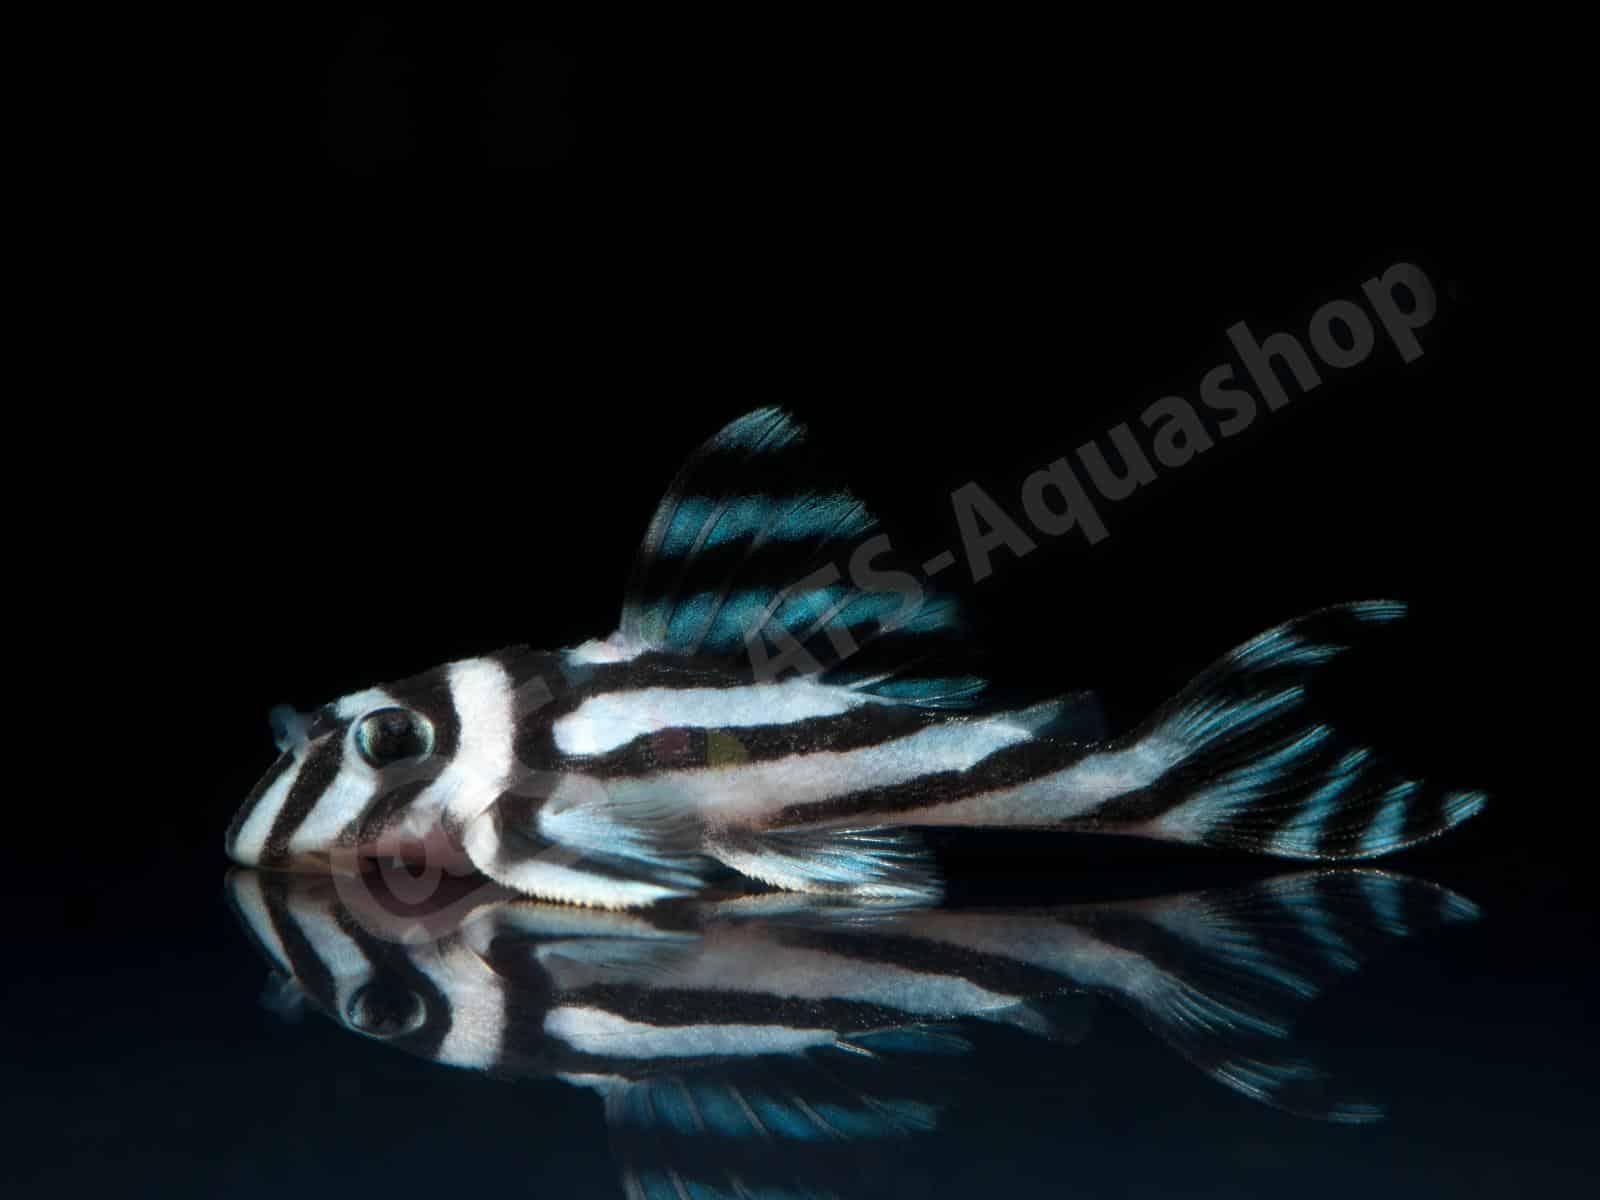 hypancistrus zebra l 46 enrico richter 0318 6